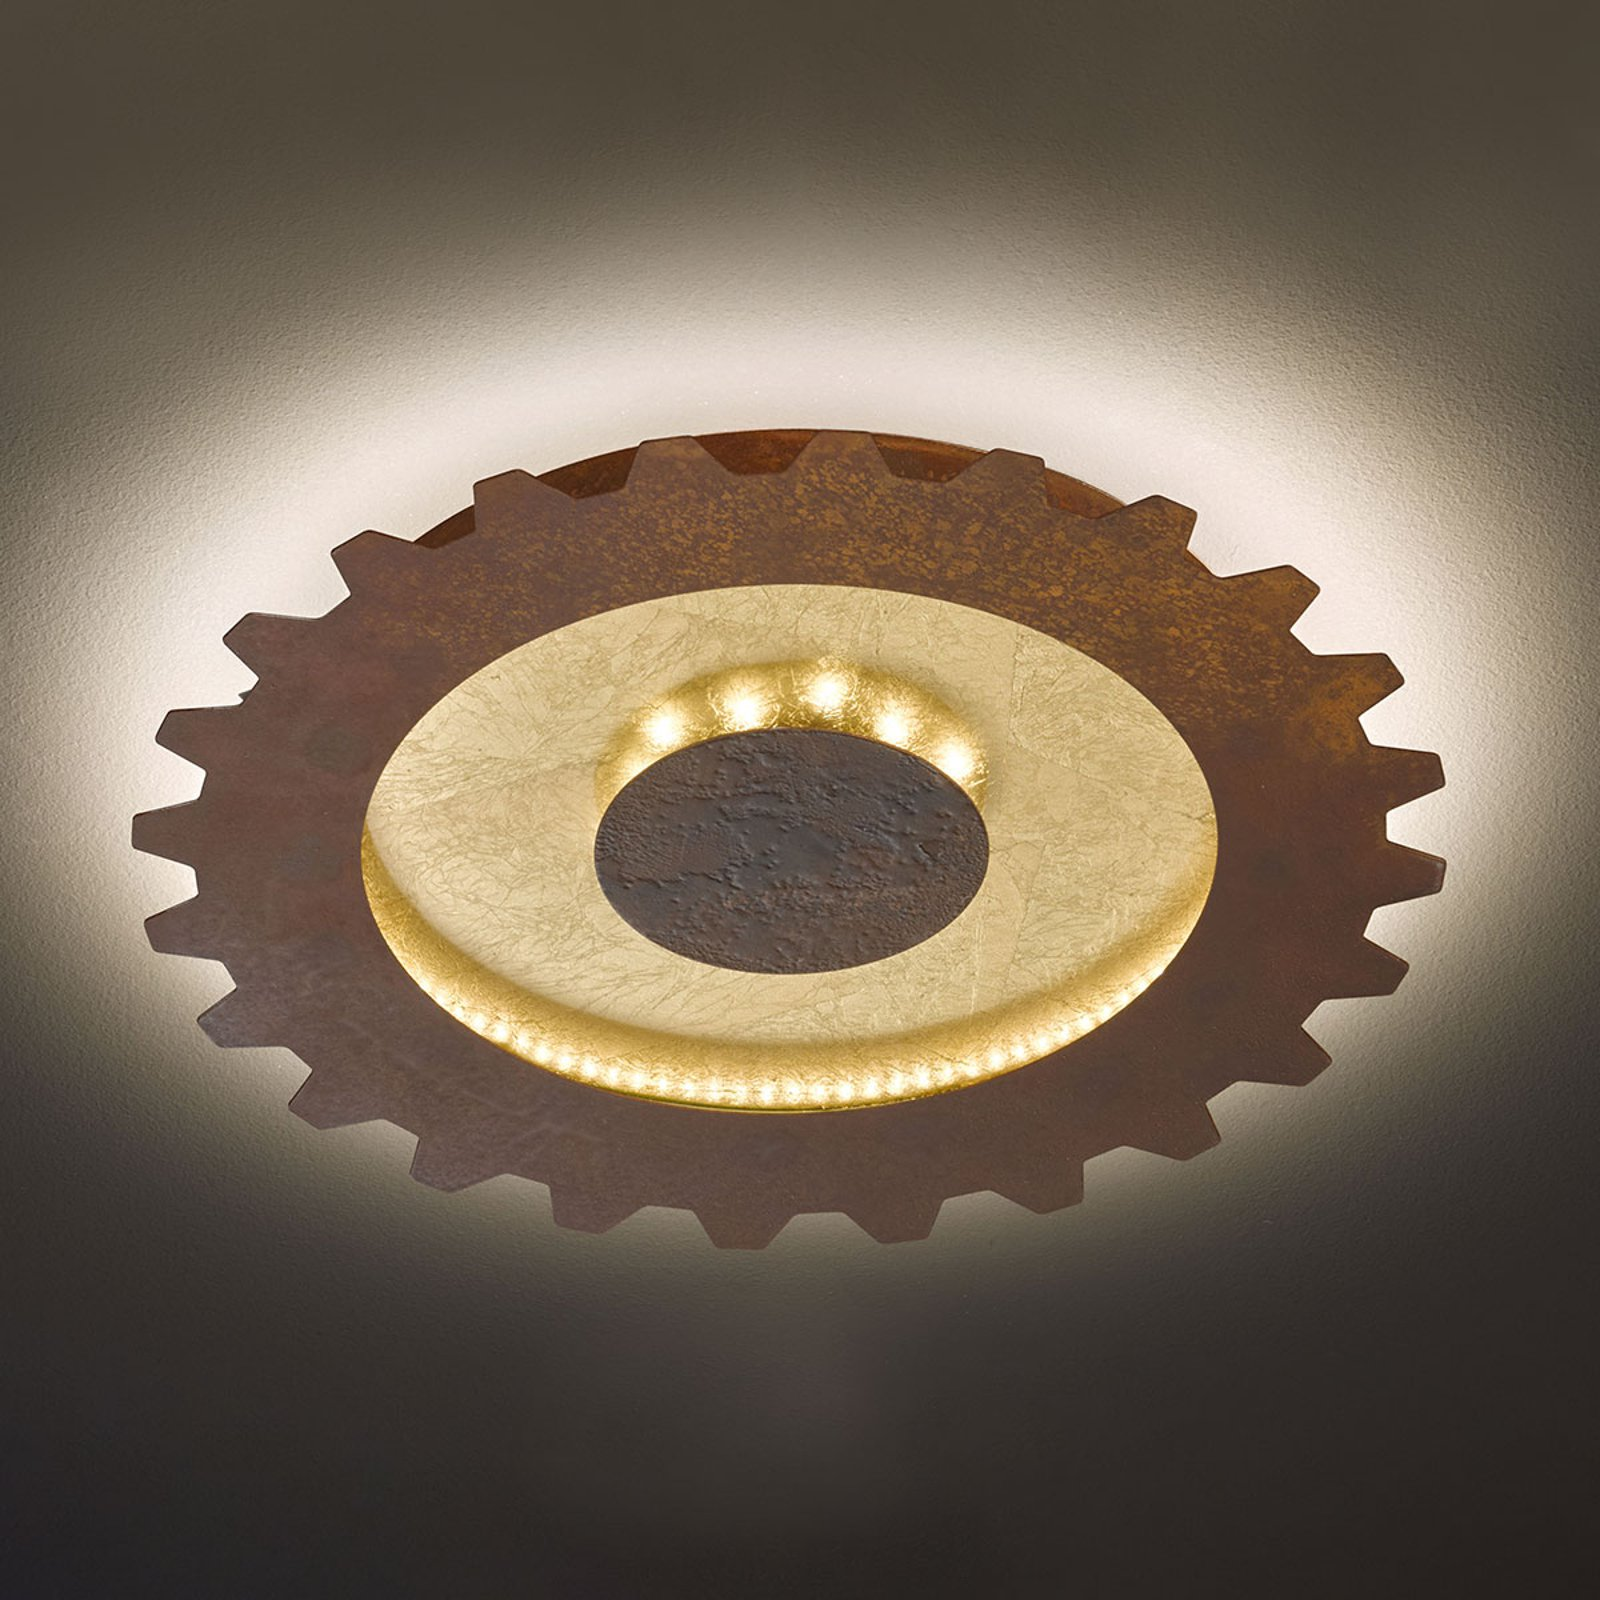 LED-taklampe Leif i tannhjulstil, Ø 40 cm